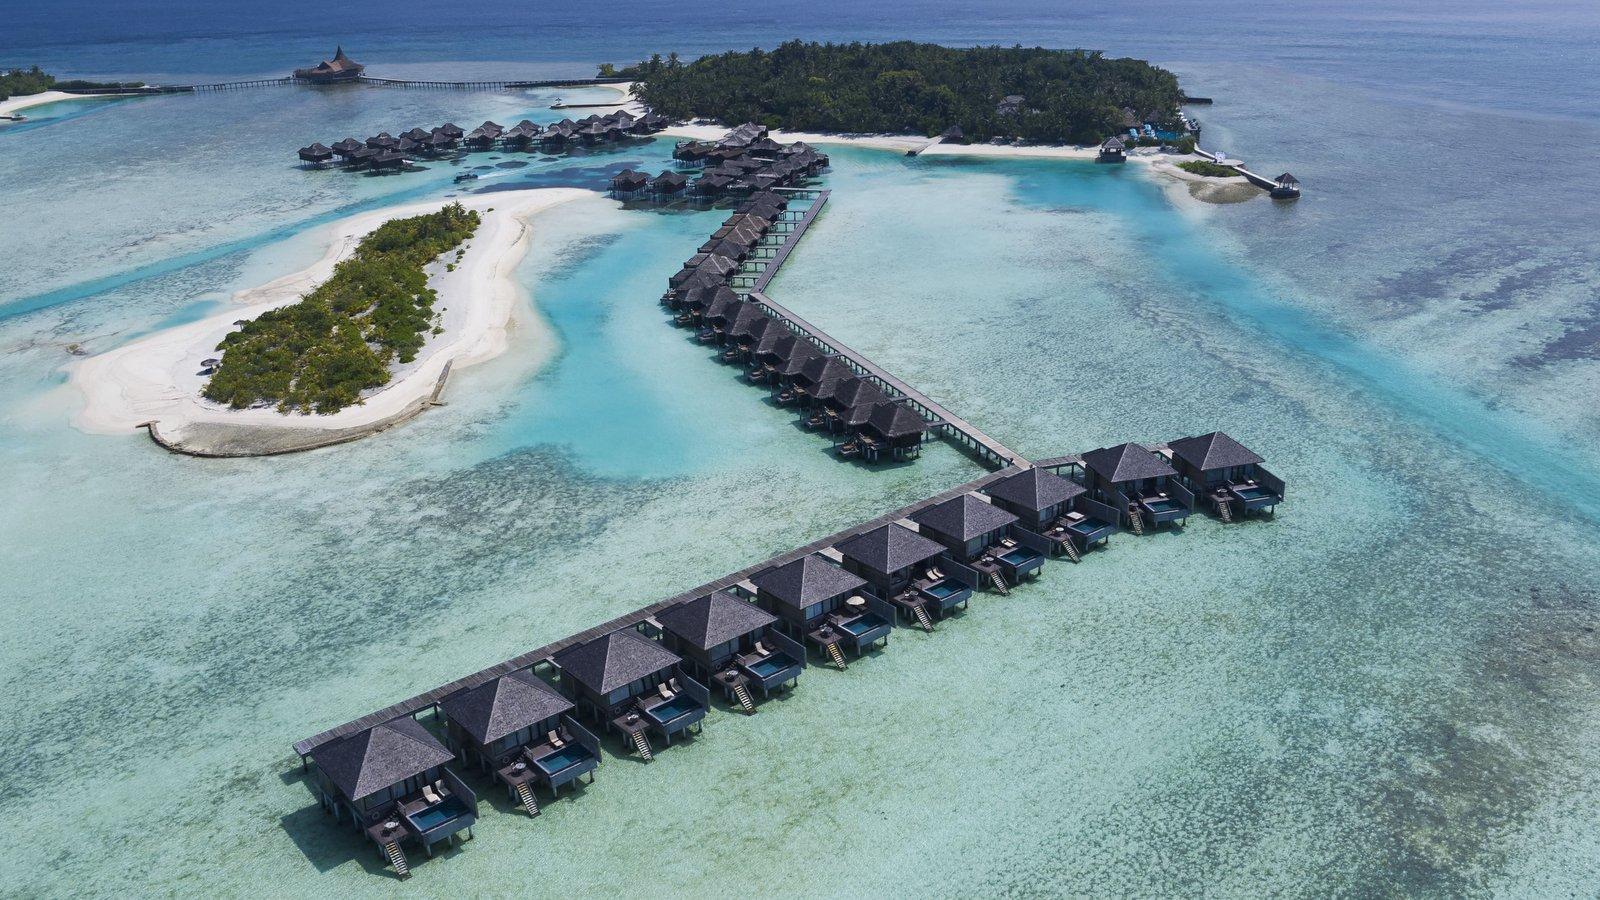 Мальдивы, отель Anantara Veli Resort, водные виллы